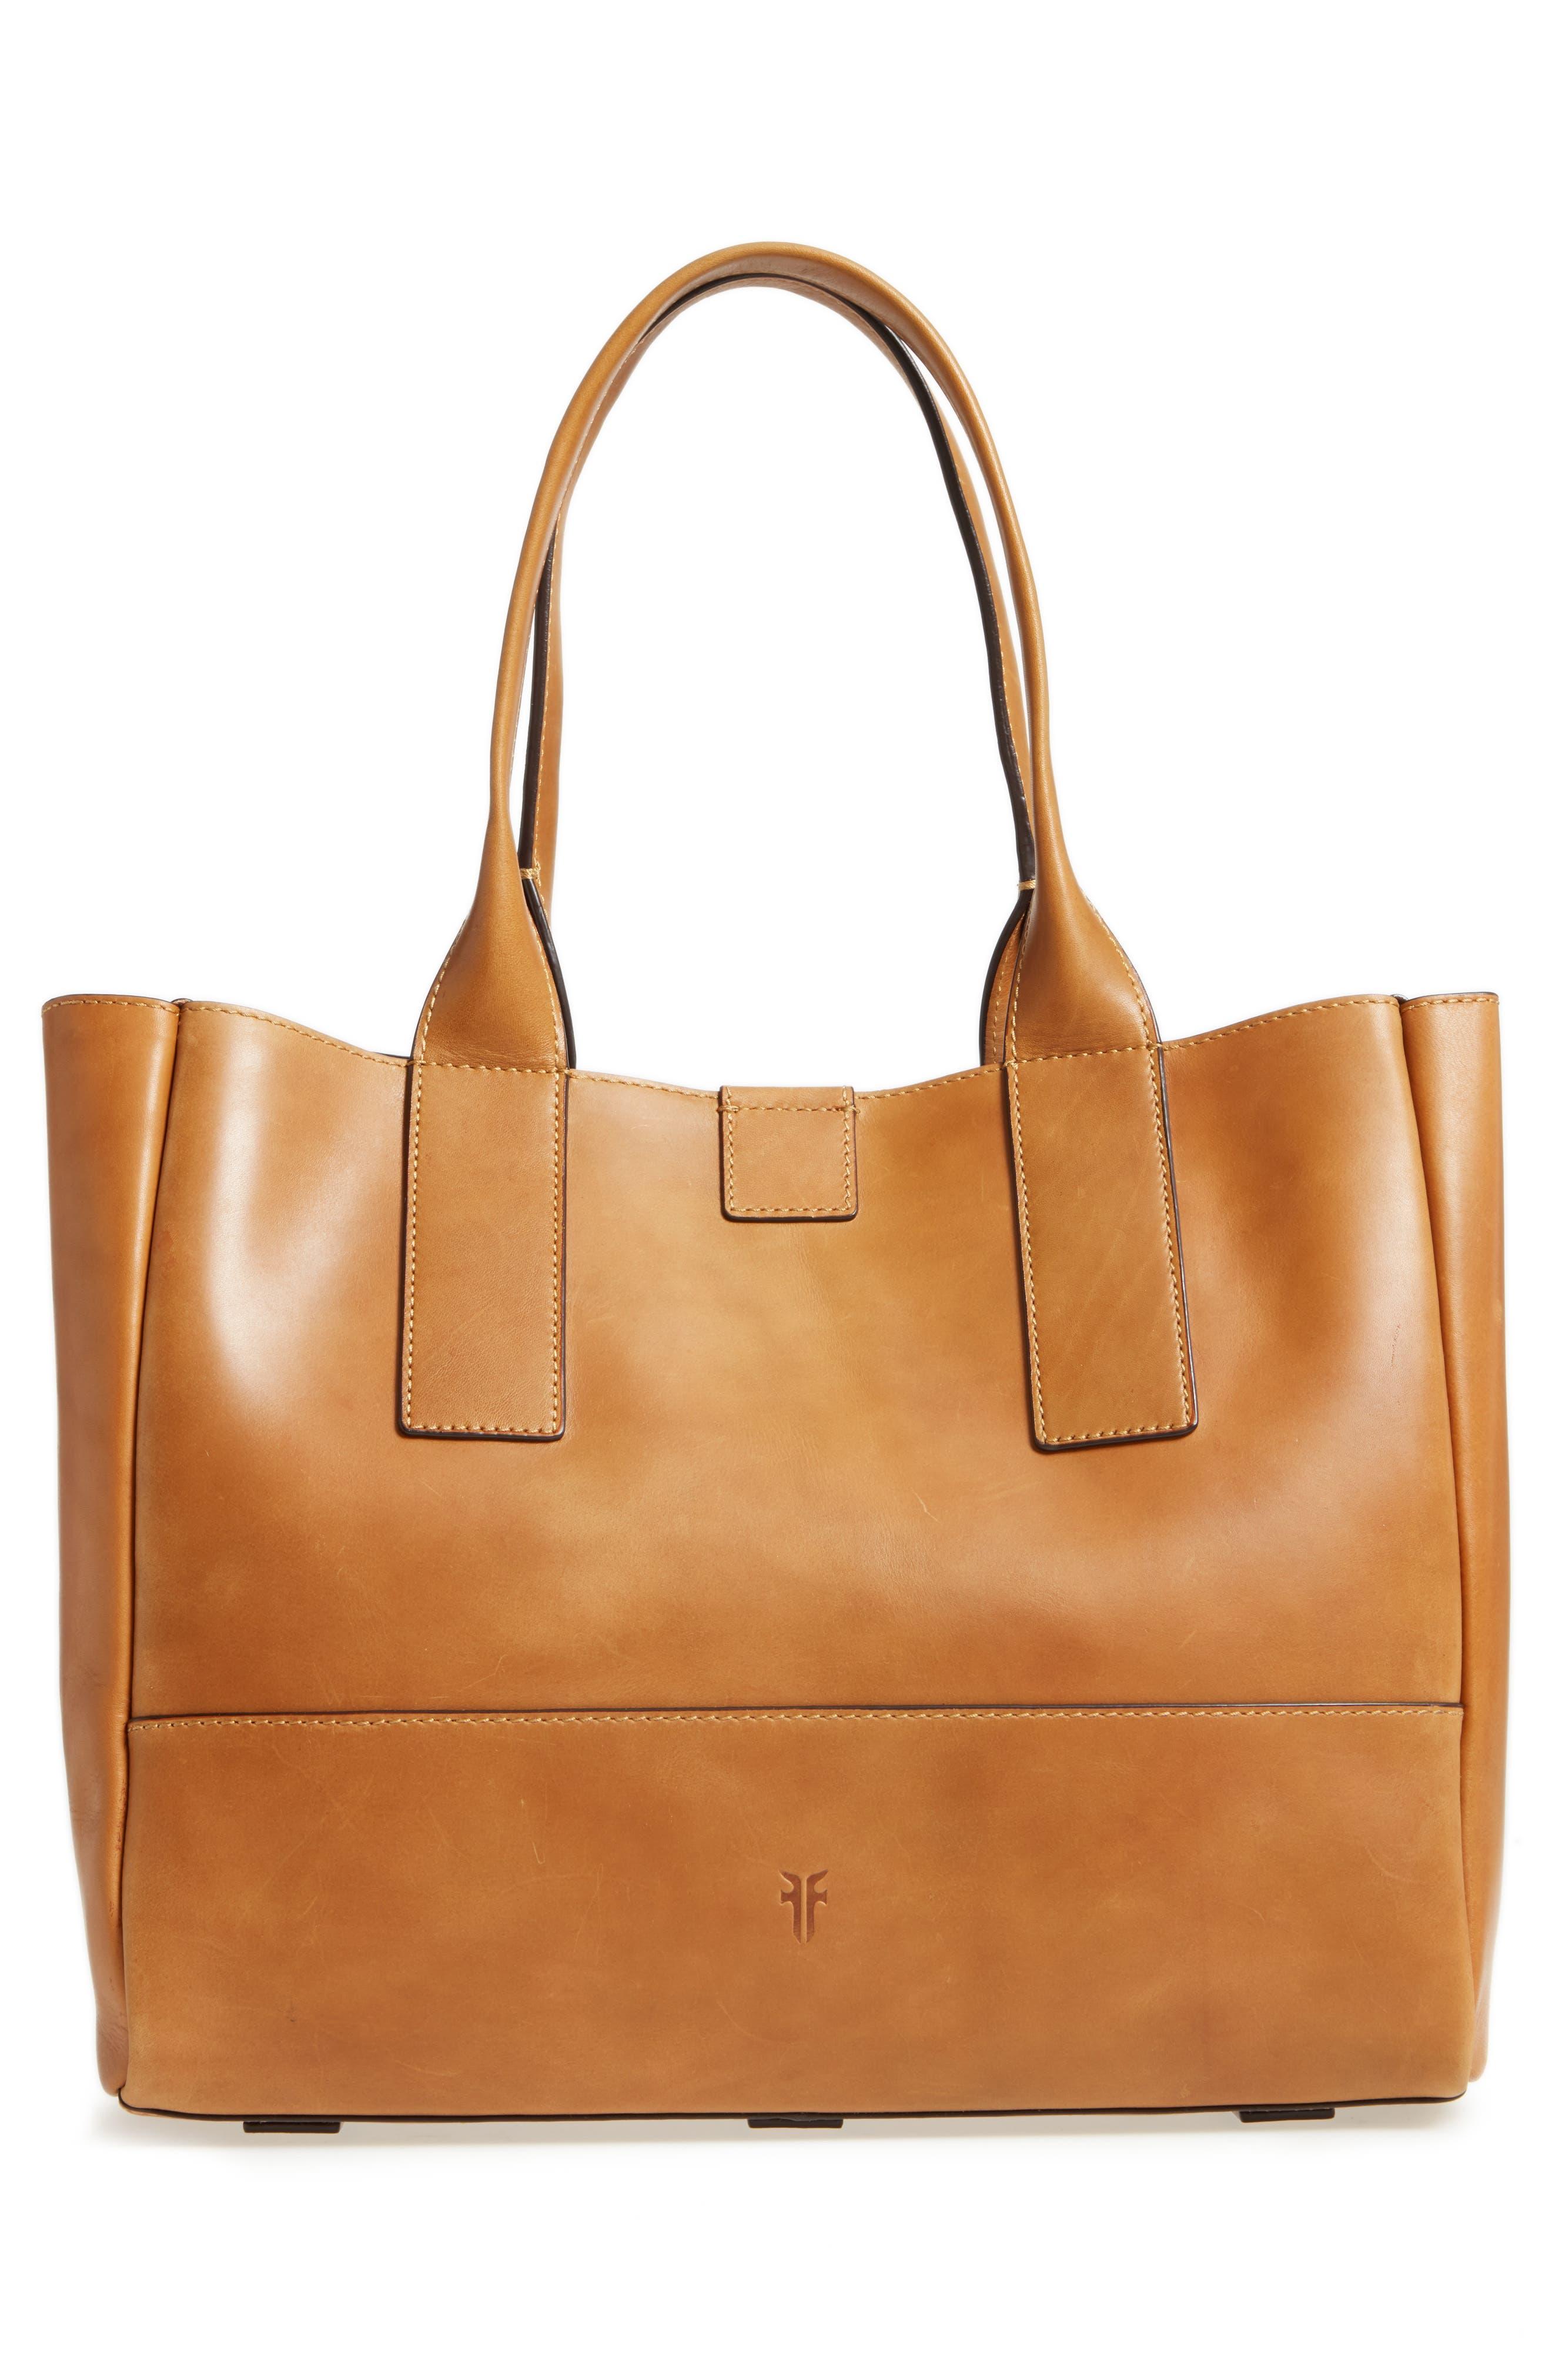 Ilana Harness Leather Shopper,                             Alternate thumbnail 3, color,                             Cognac